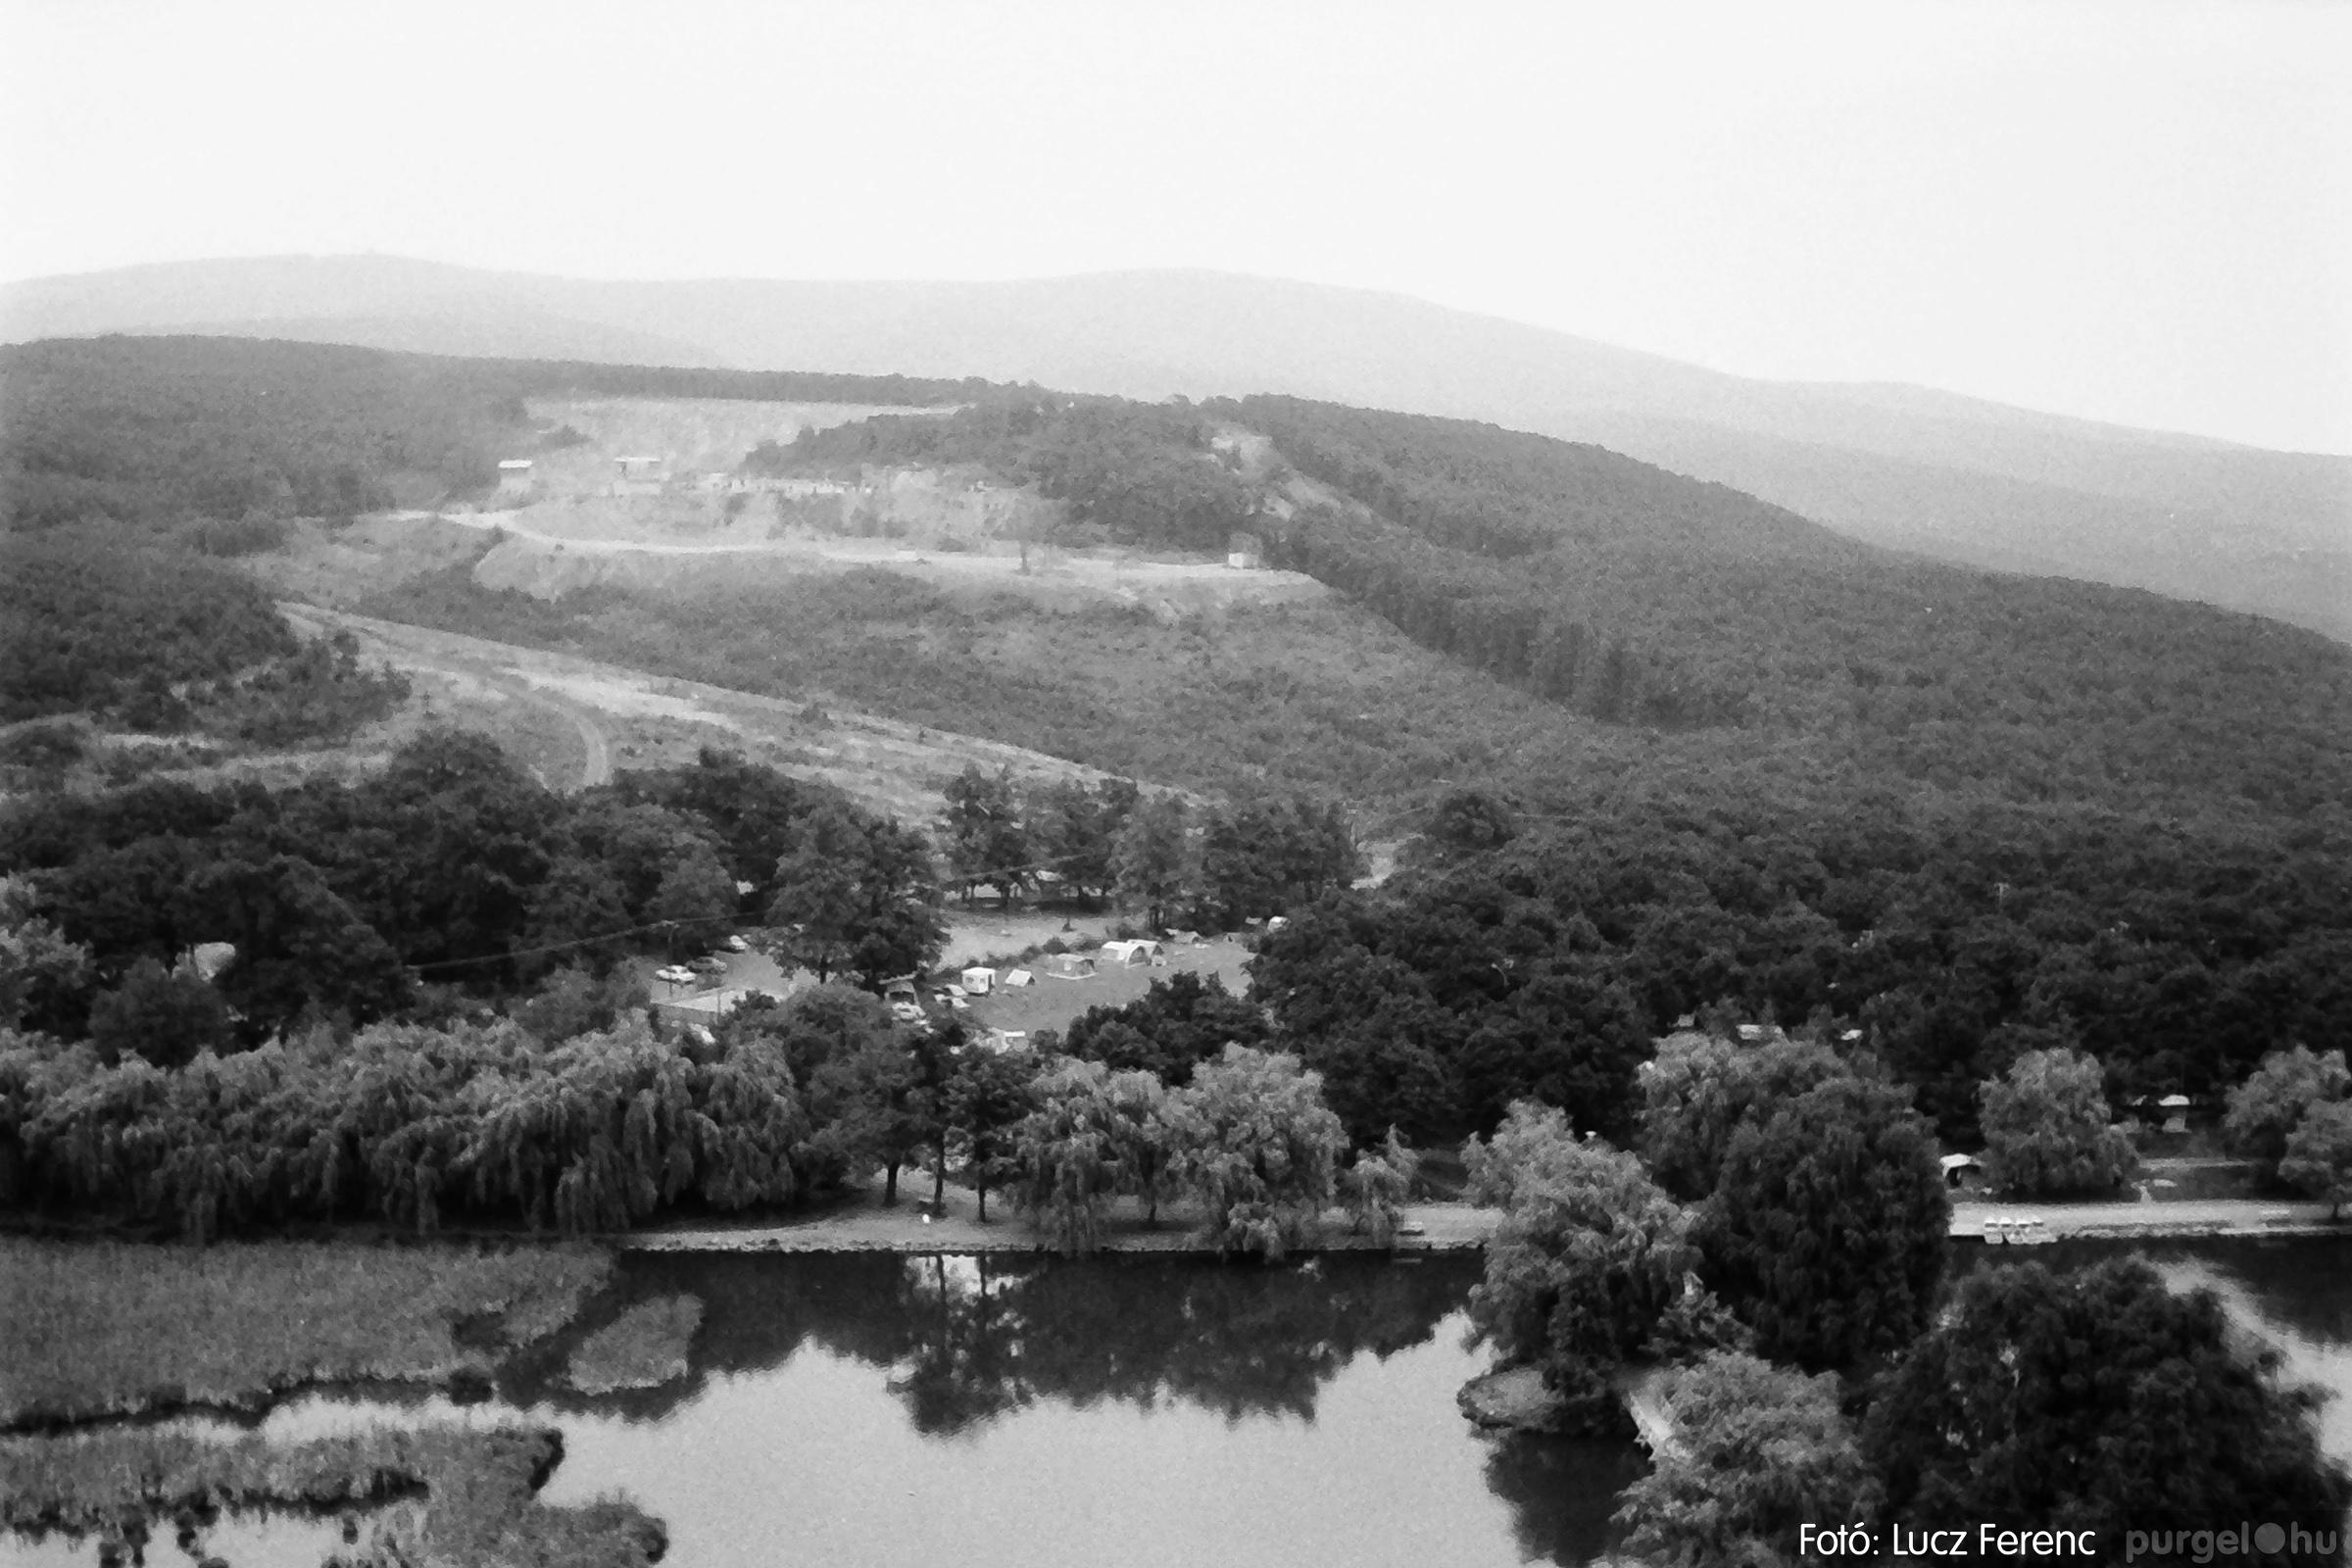 086, 088. 1977. Nyári tábor a Mátrában 013. - Fotó: Lucz Ferenc.jpg